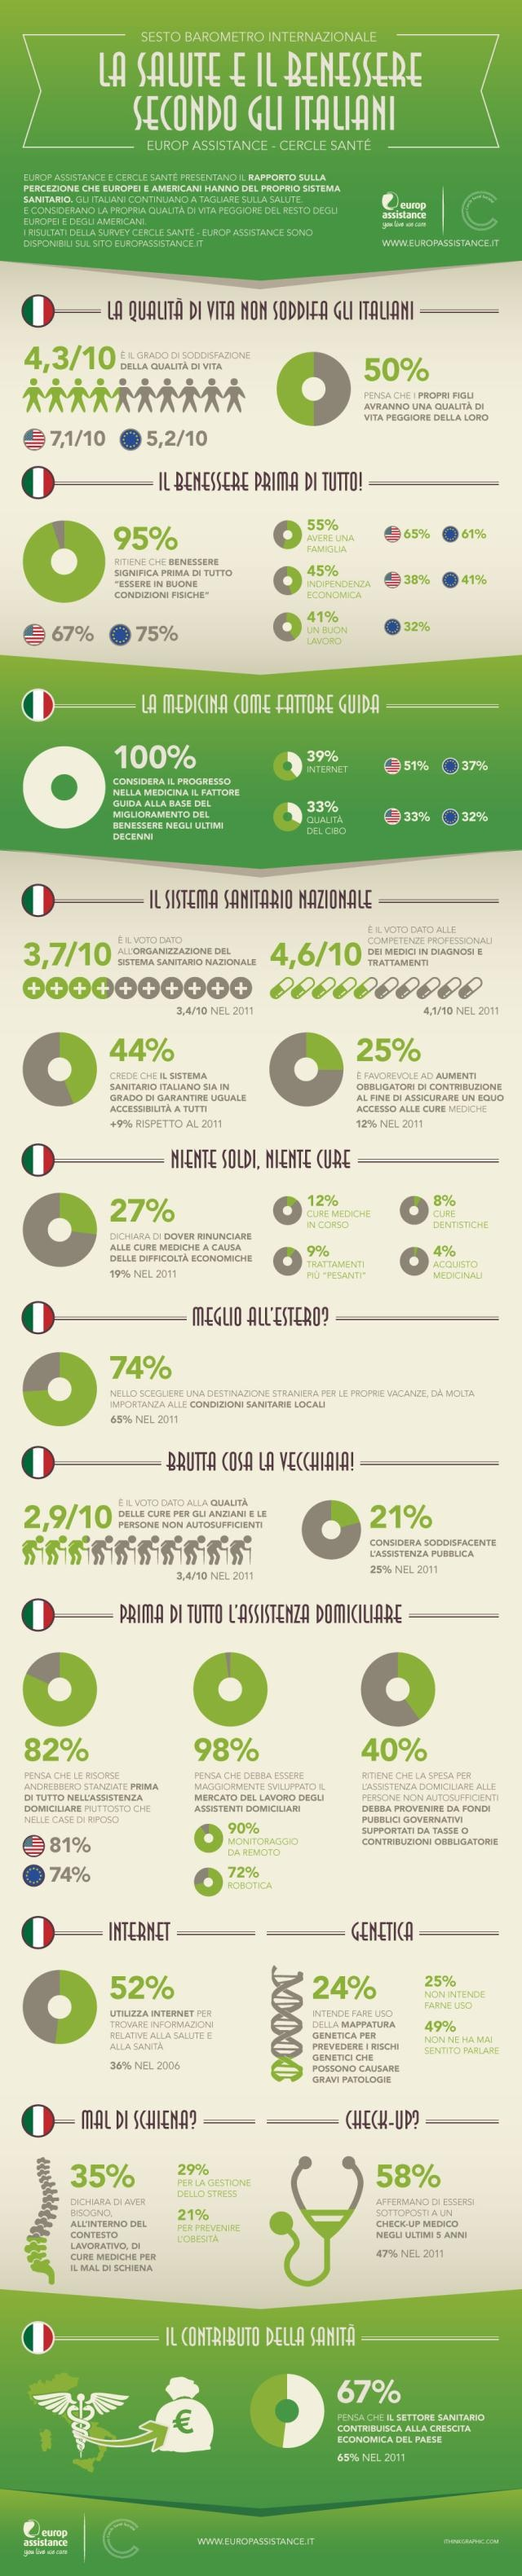 La salute e il benessere secondo gli Italiani, infografica